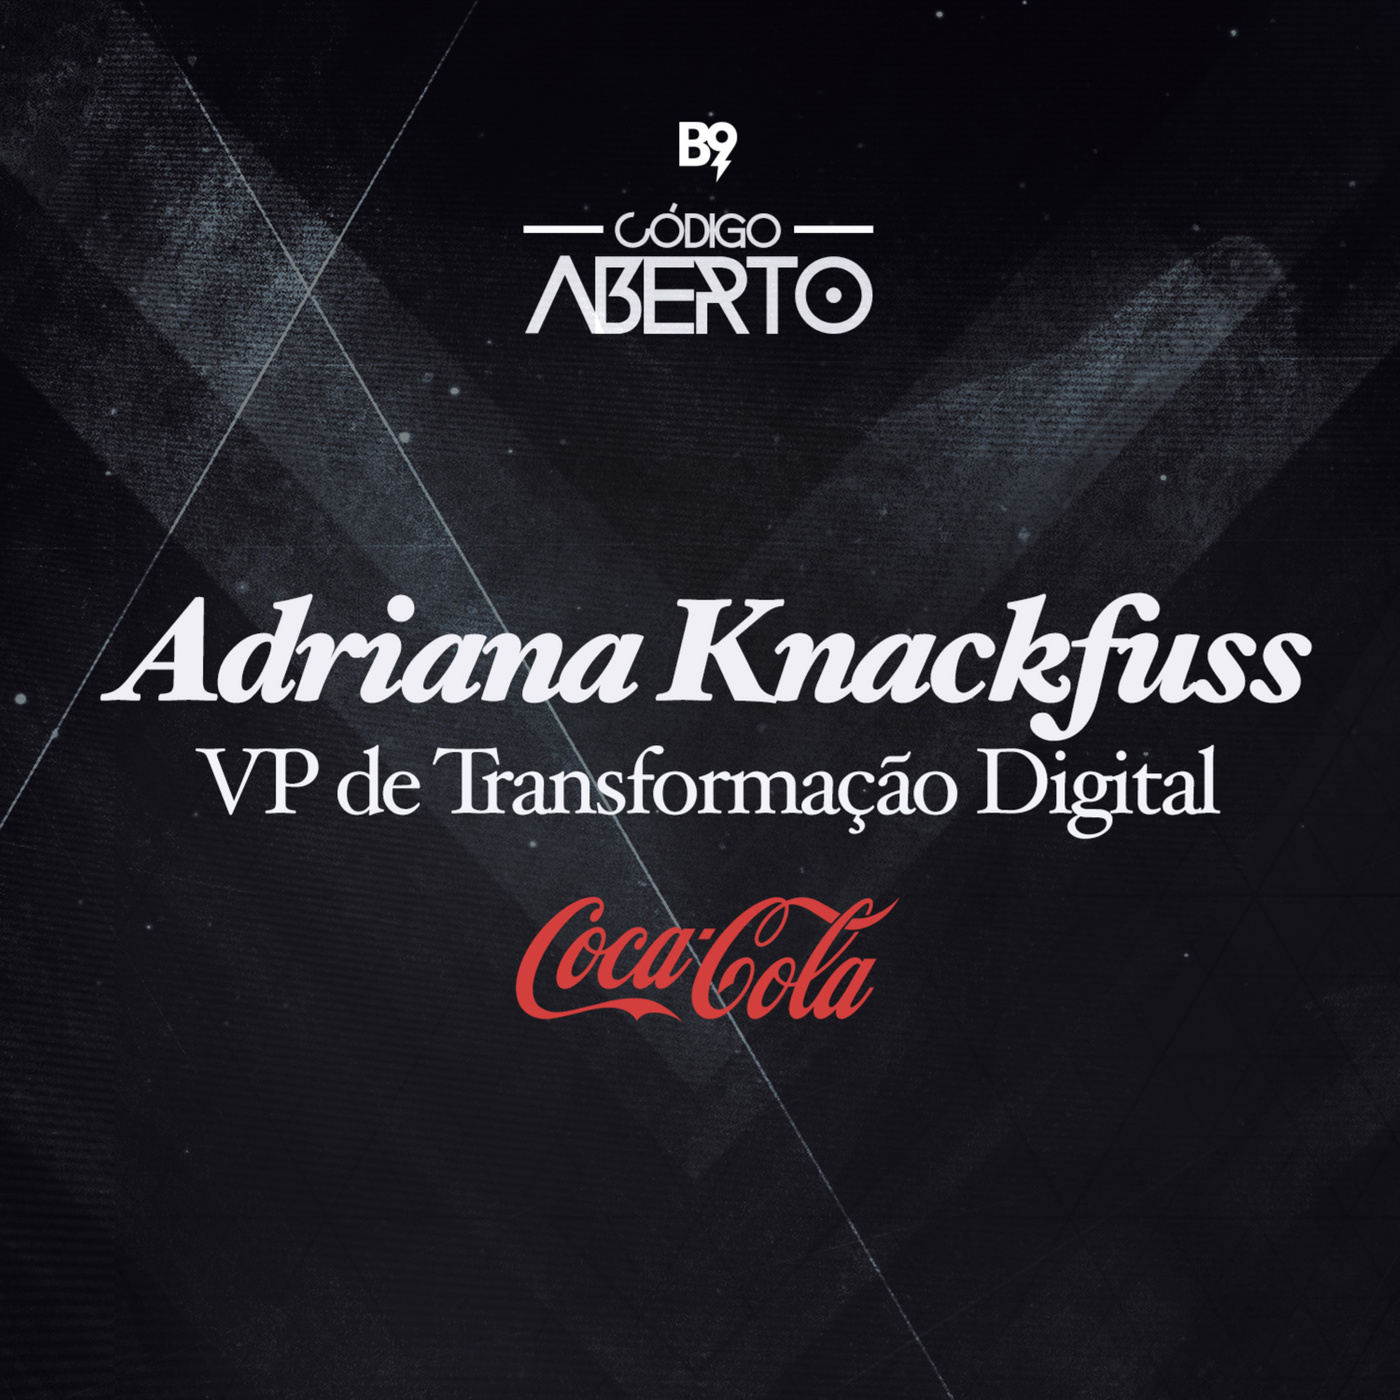 Adriana Knackfuss, VP de Transformação Digital, Coca-Cola